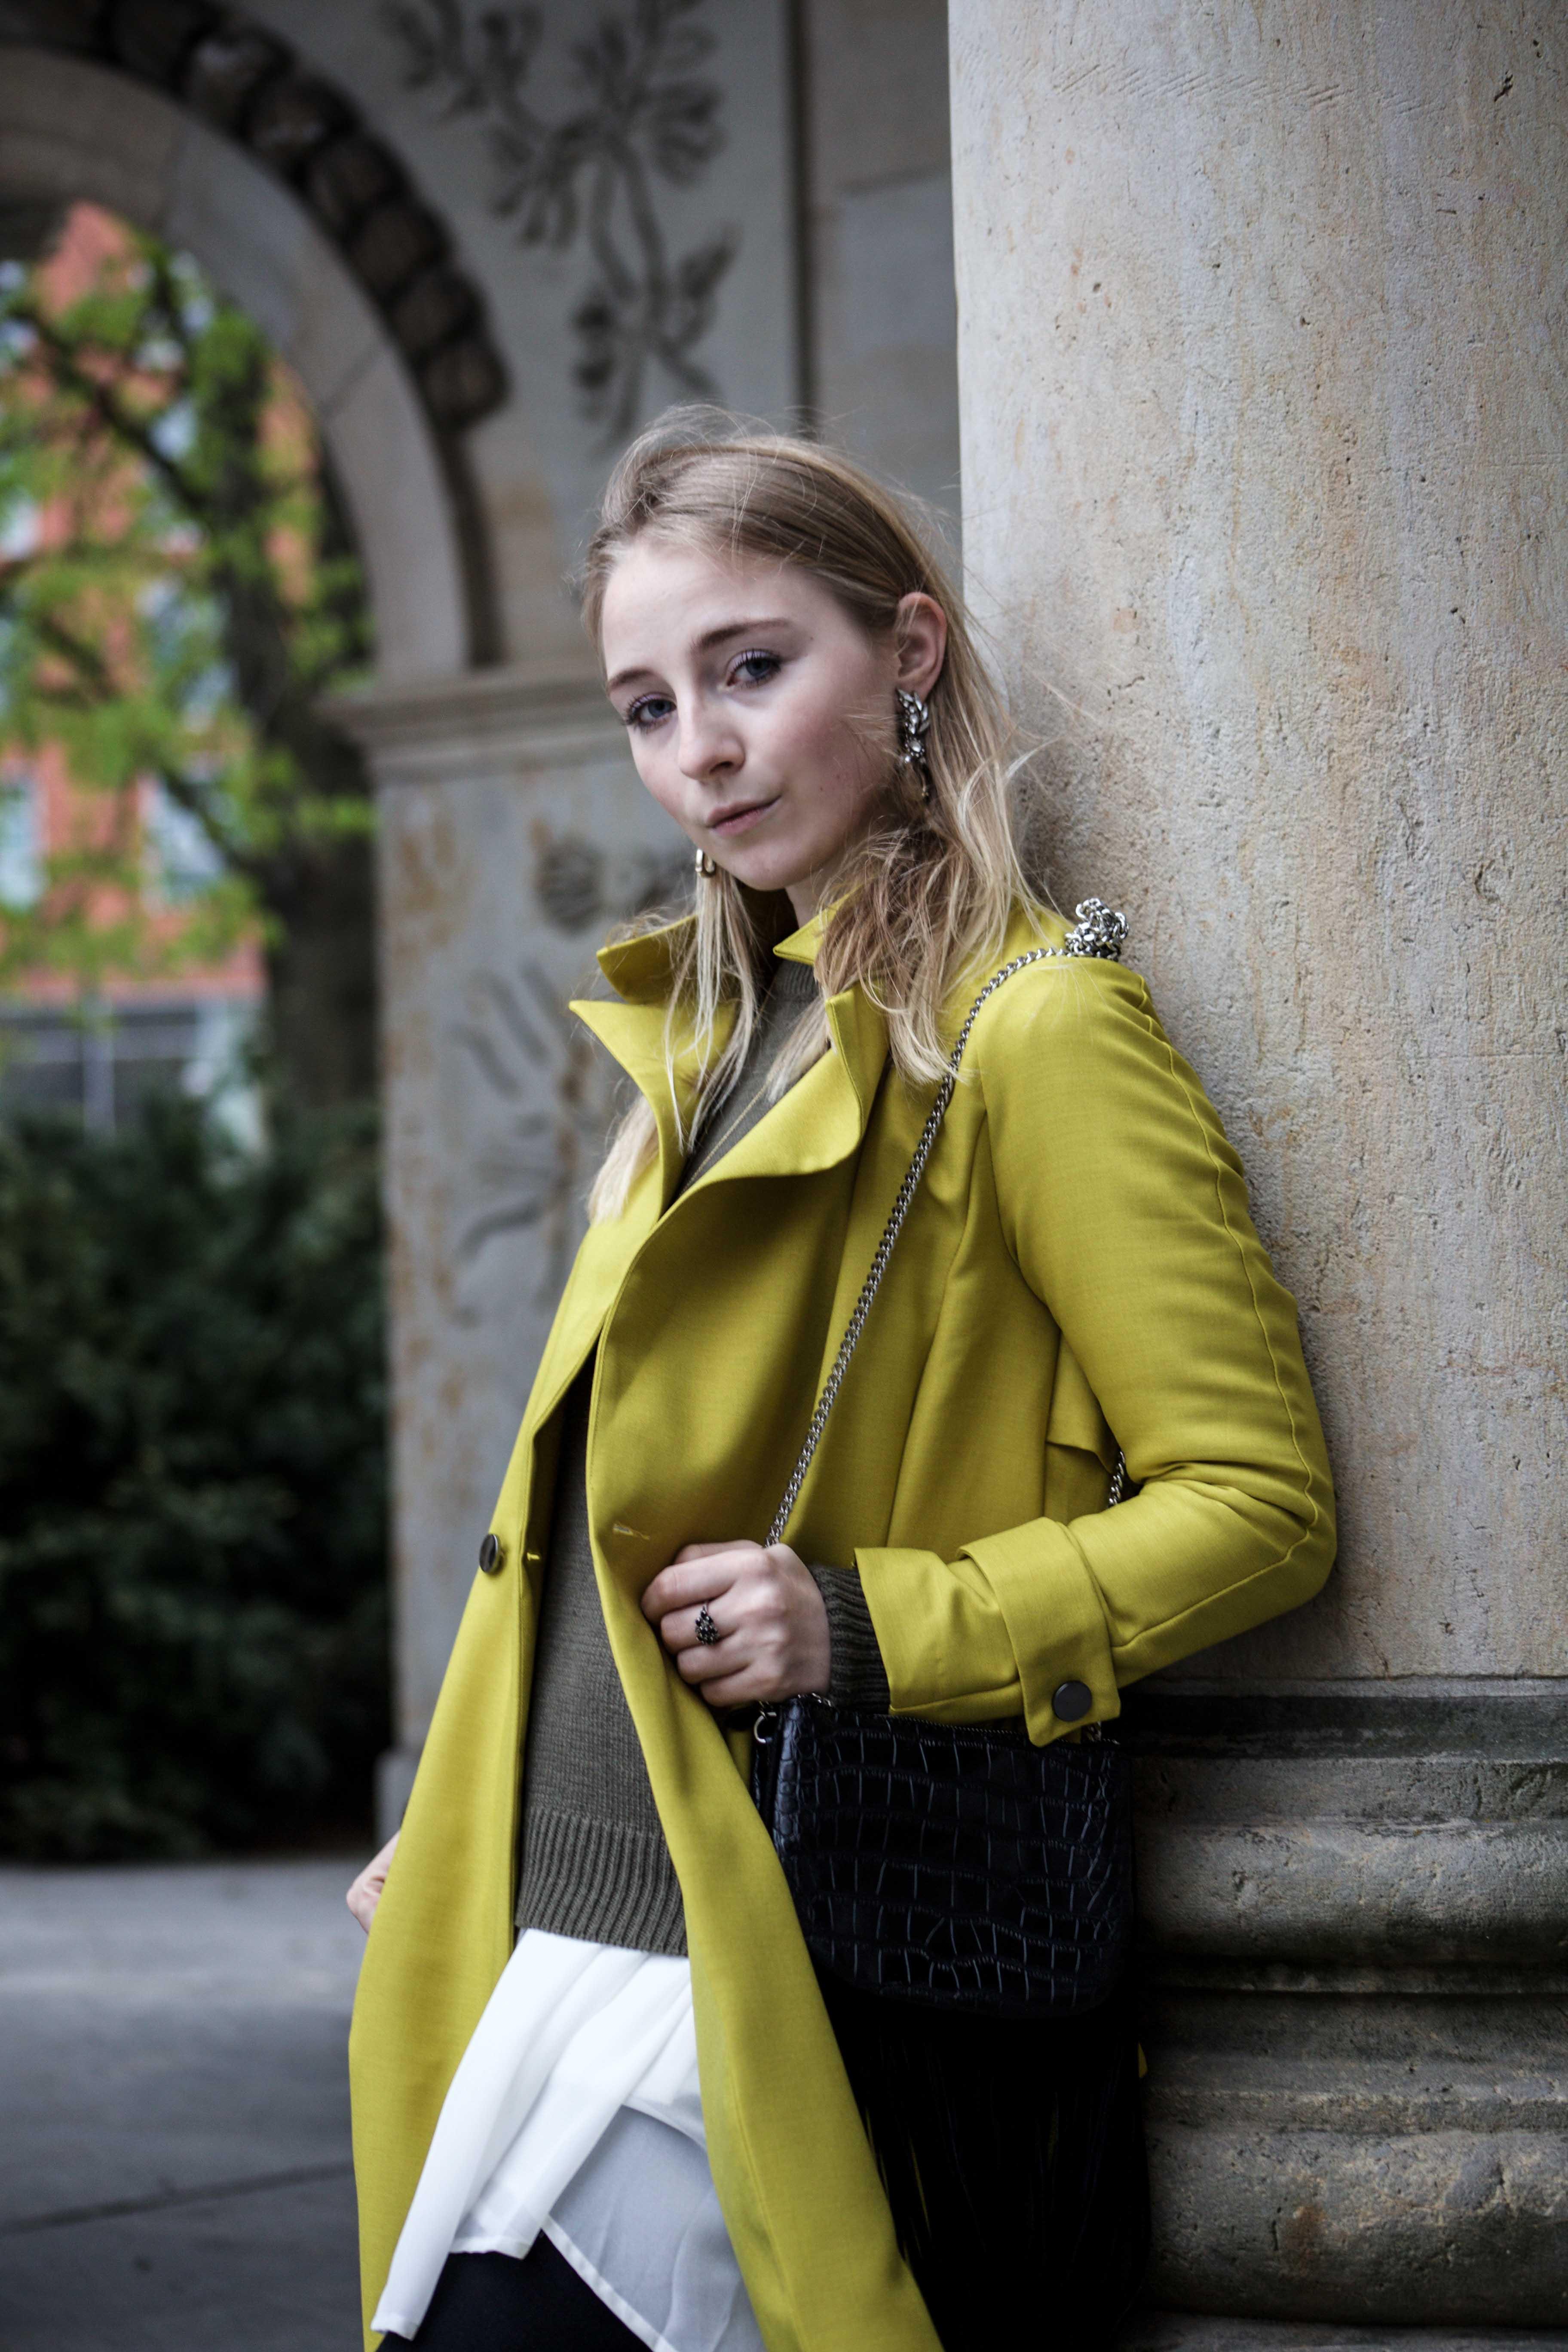 gelber-trenchcoat-frühling-outfit-sommer-fashionblog-modeblog_6410